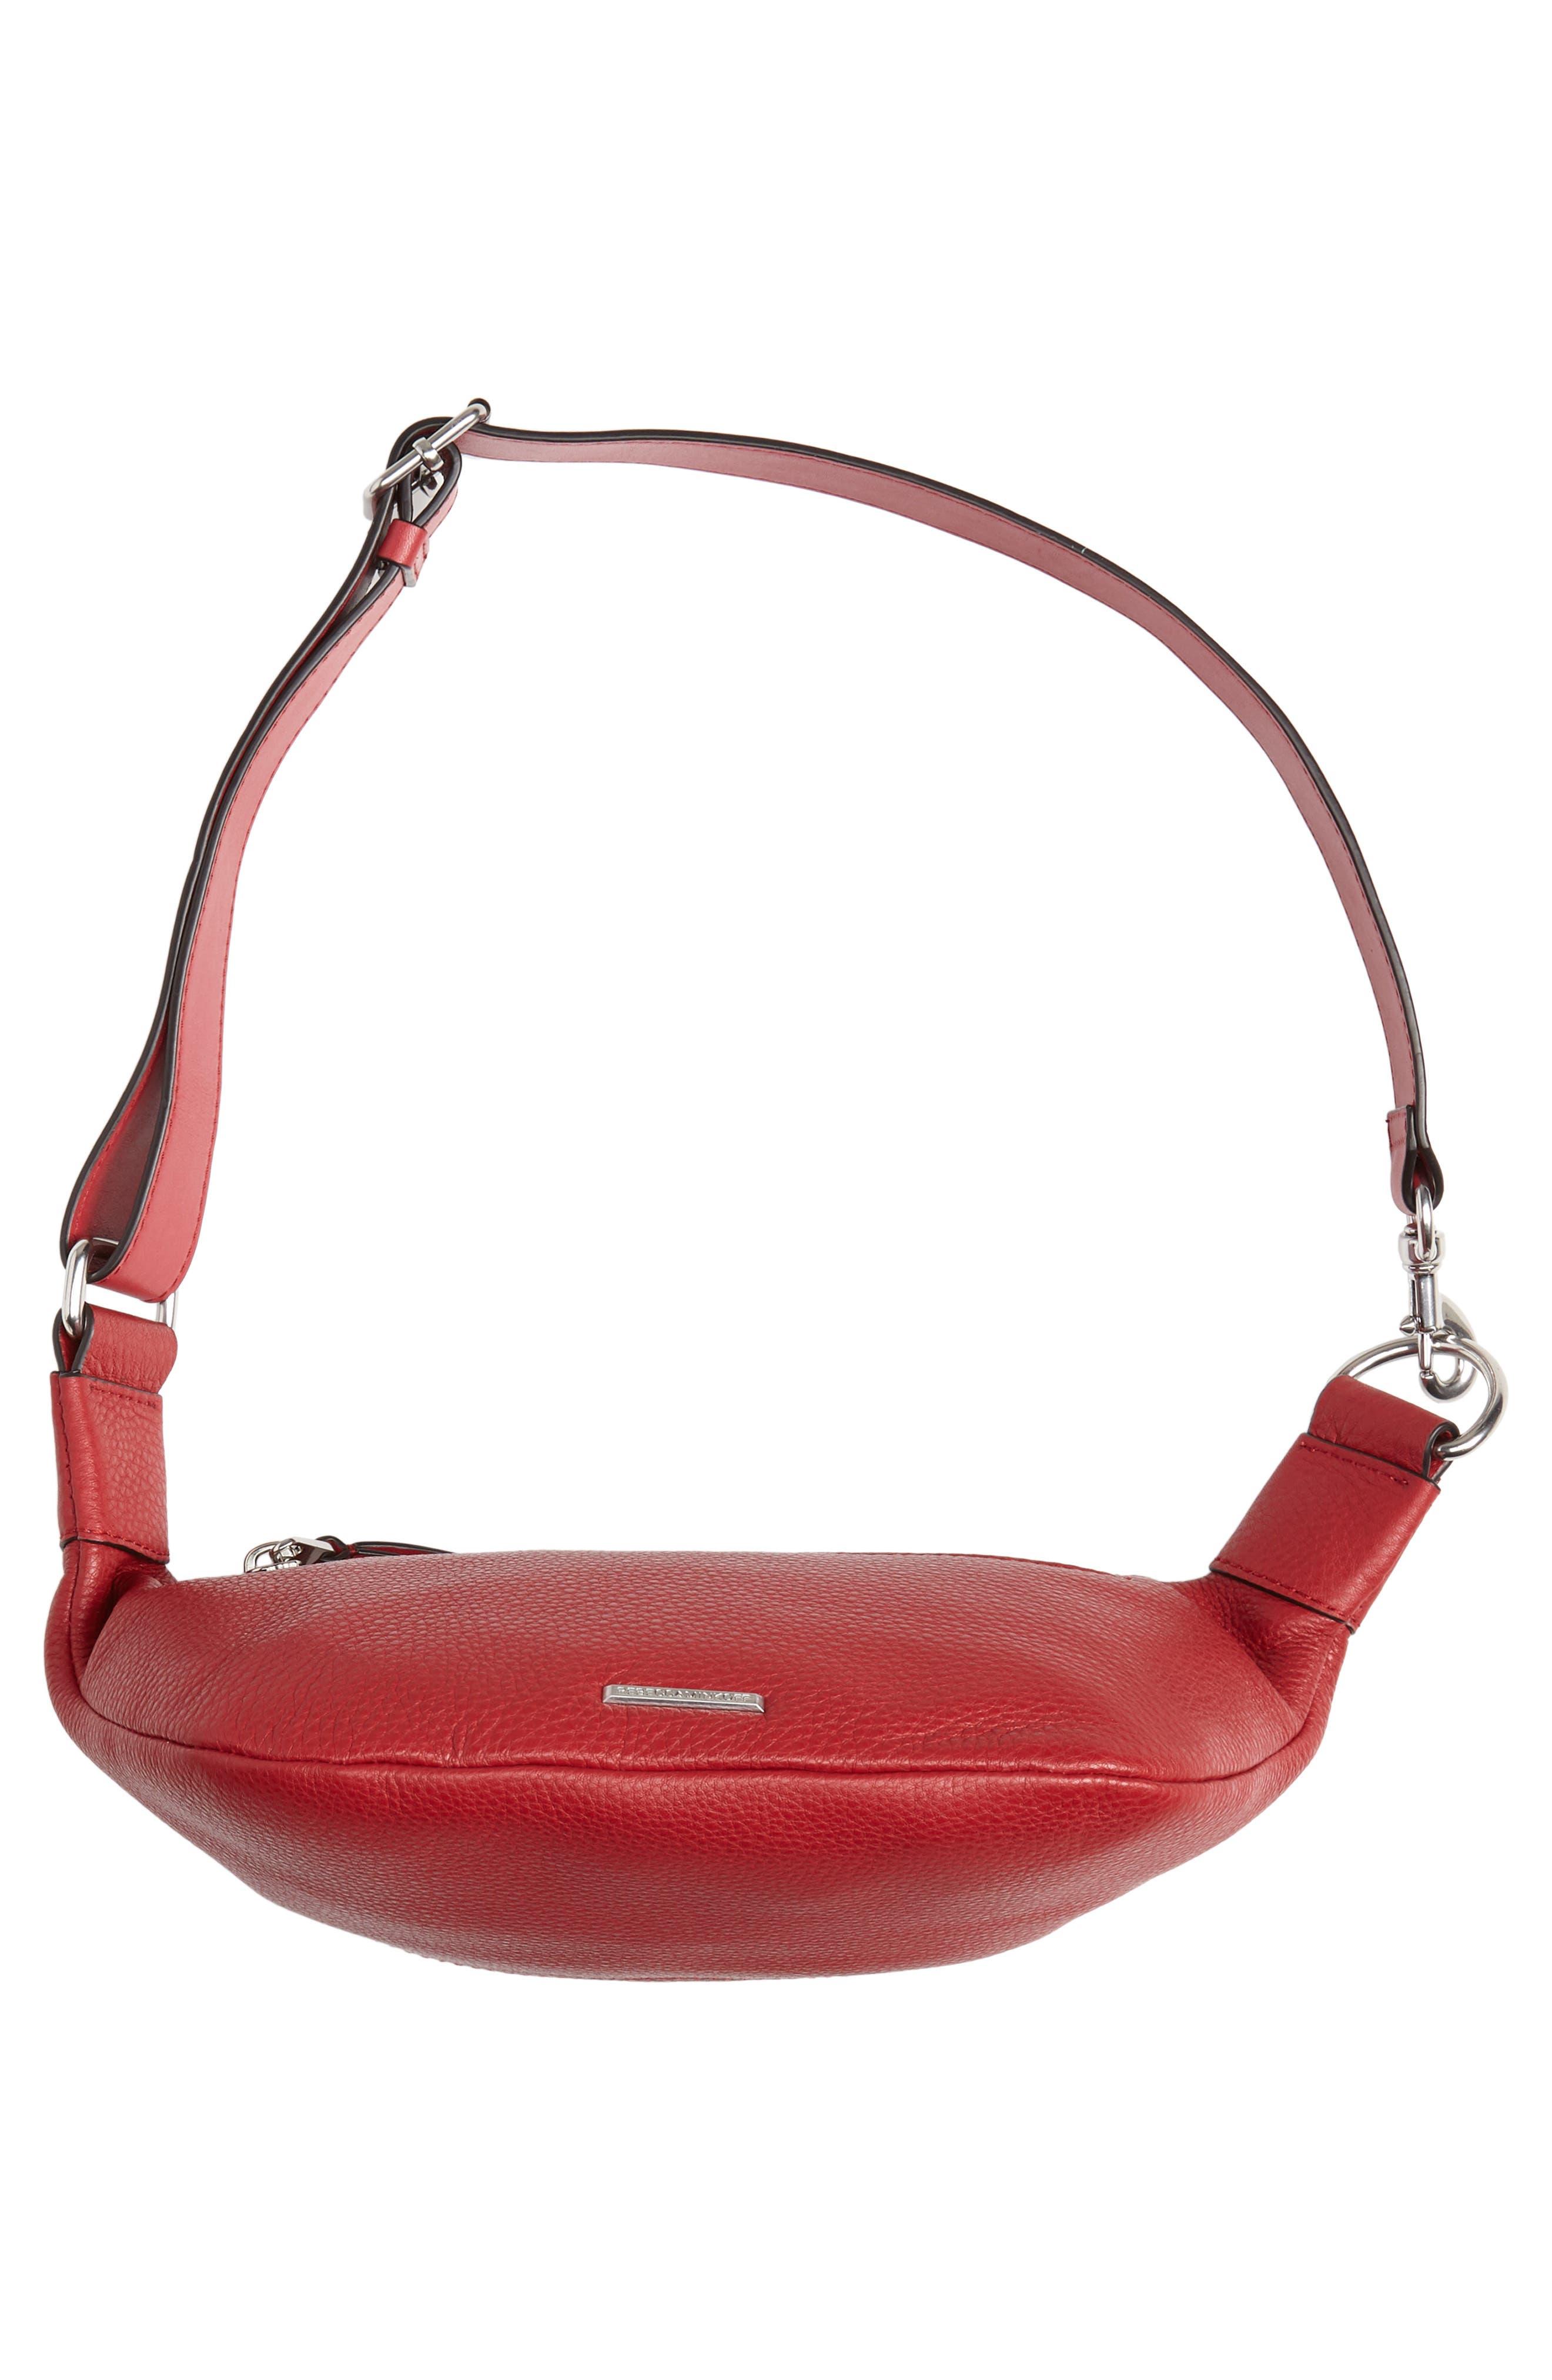 Bree Leather Belt Bag,                             Alternate thumbnail 7, color,                             SCARLET